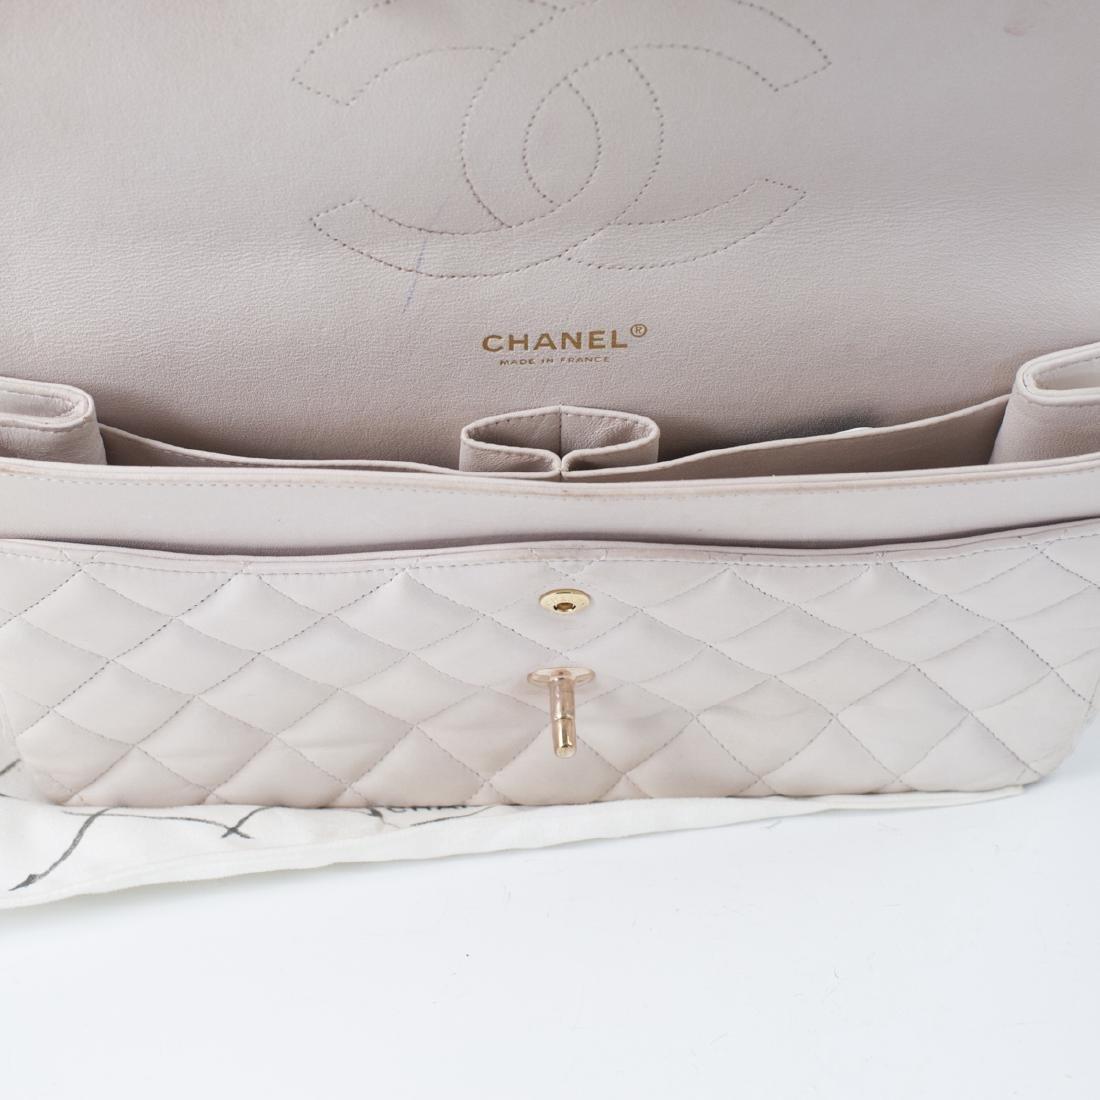 Chanel Light Beige Calfskin Flap Bag - 7